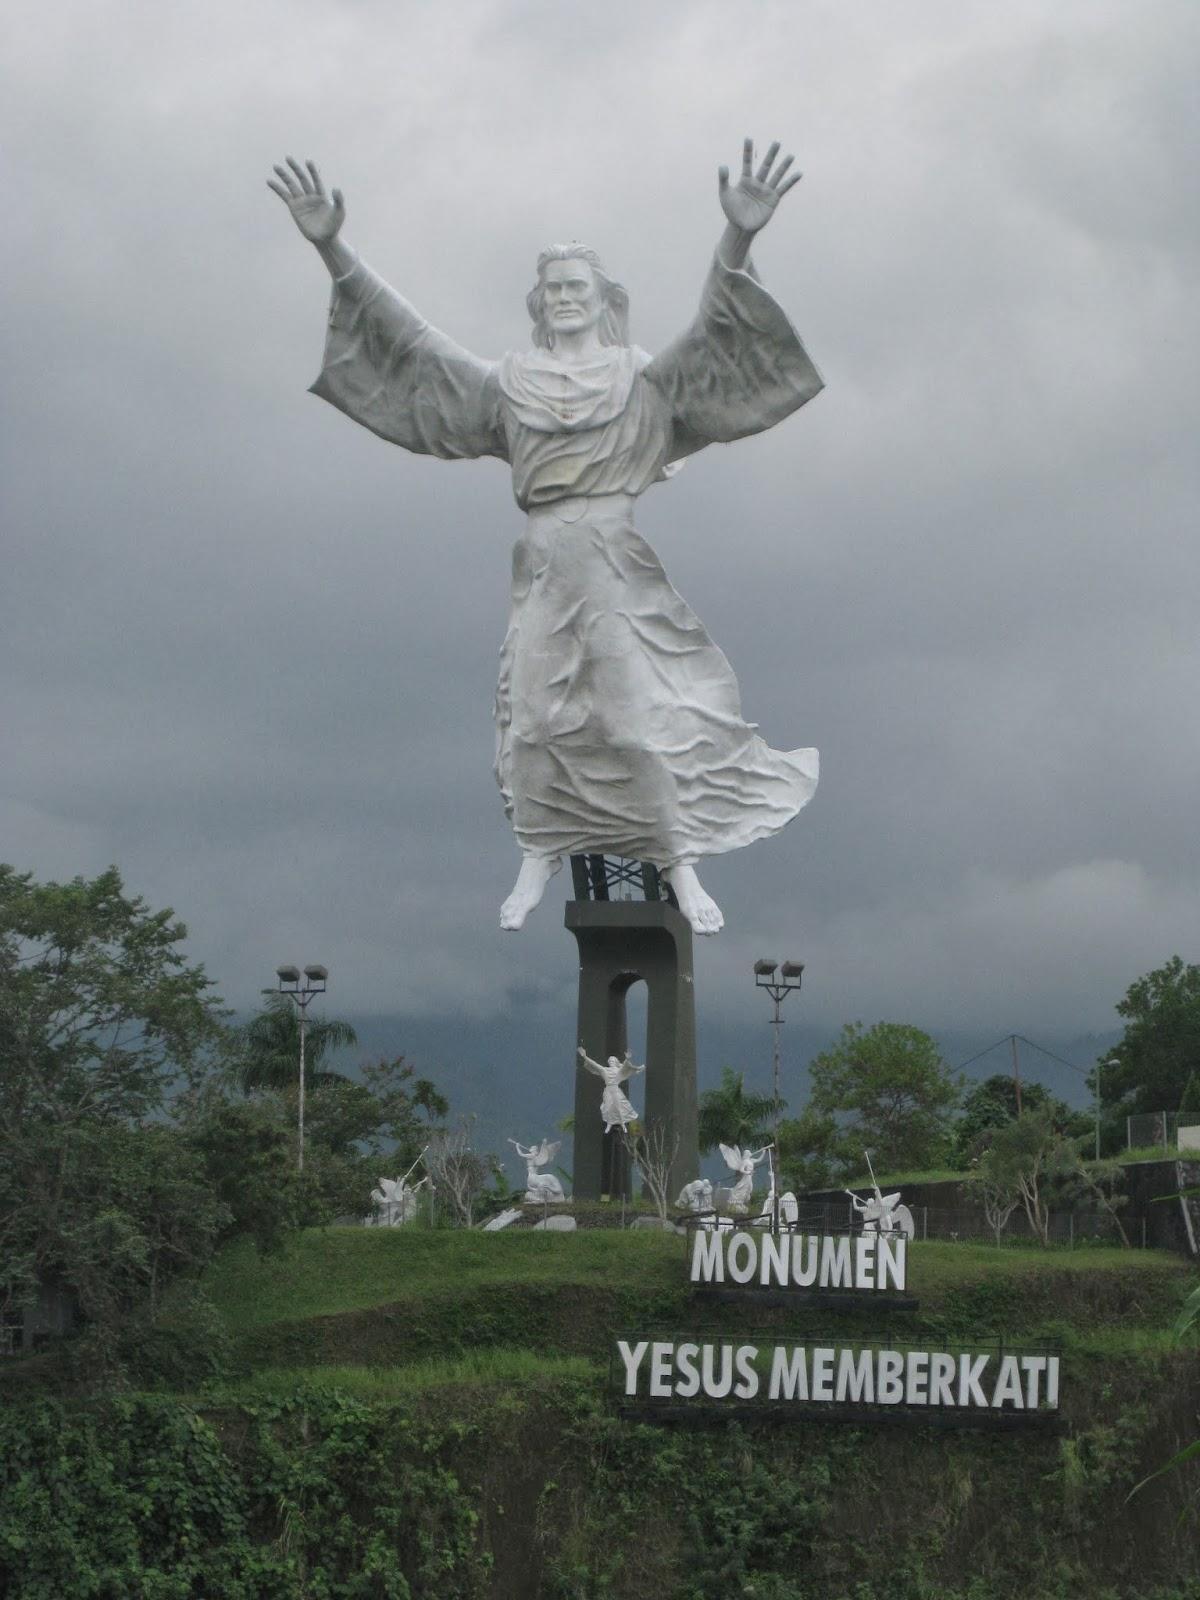 Jalan Indonesia Luar Negeri Yesus Memberkati Sebuah Monumen Kristus Terletak